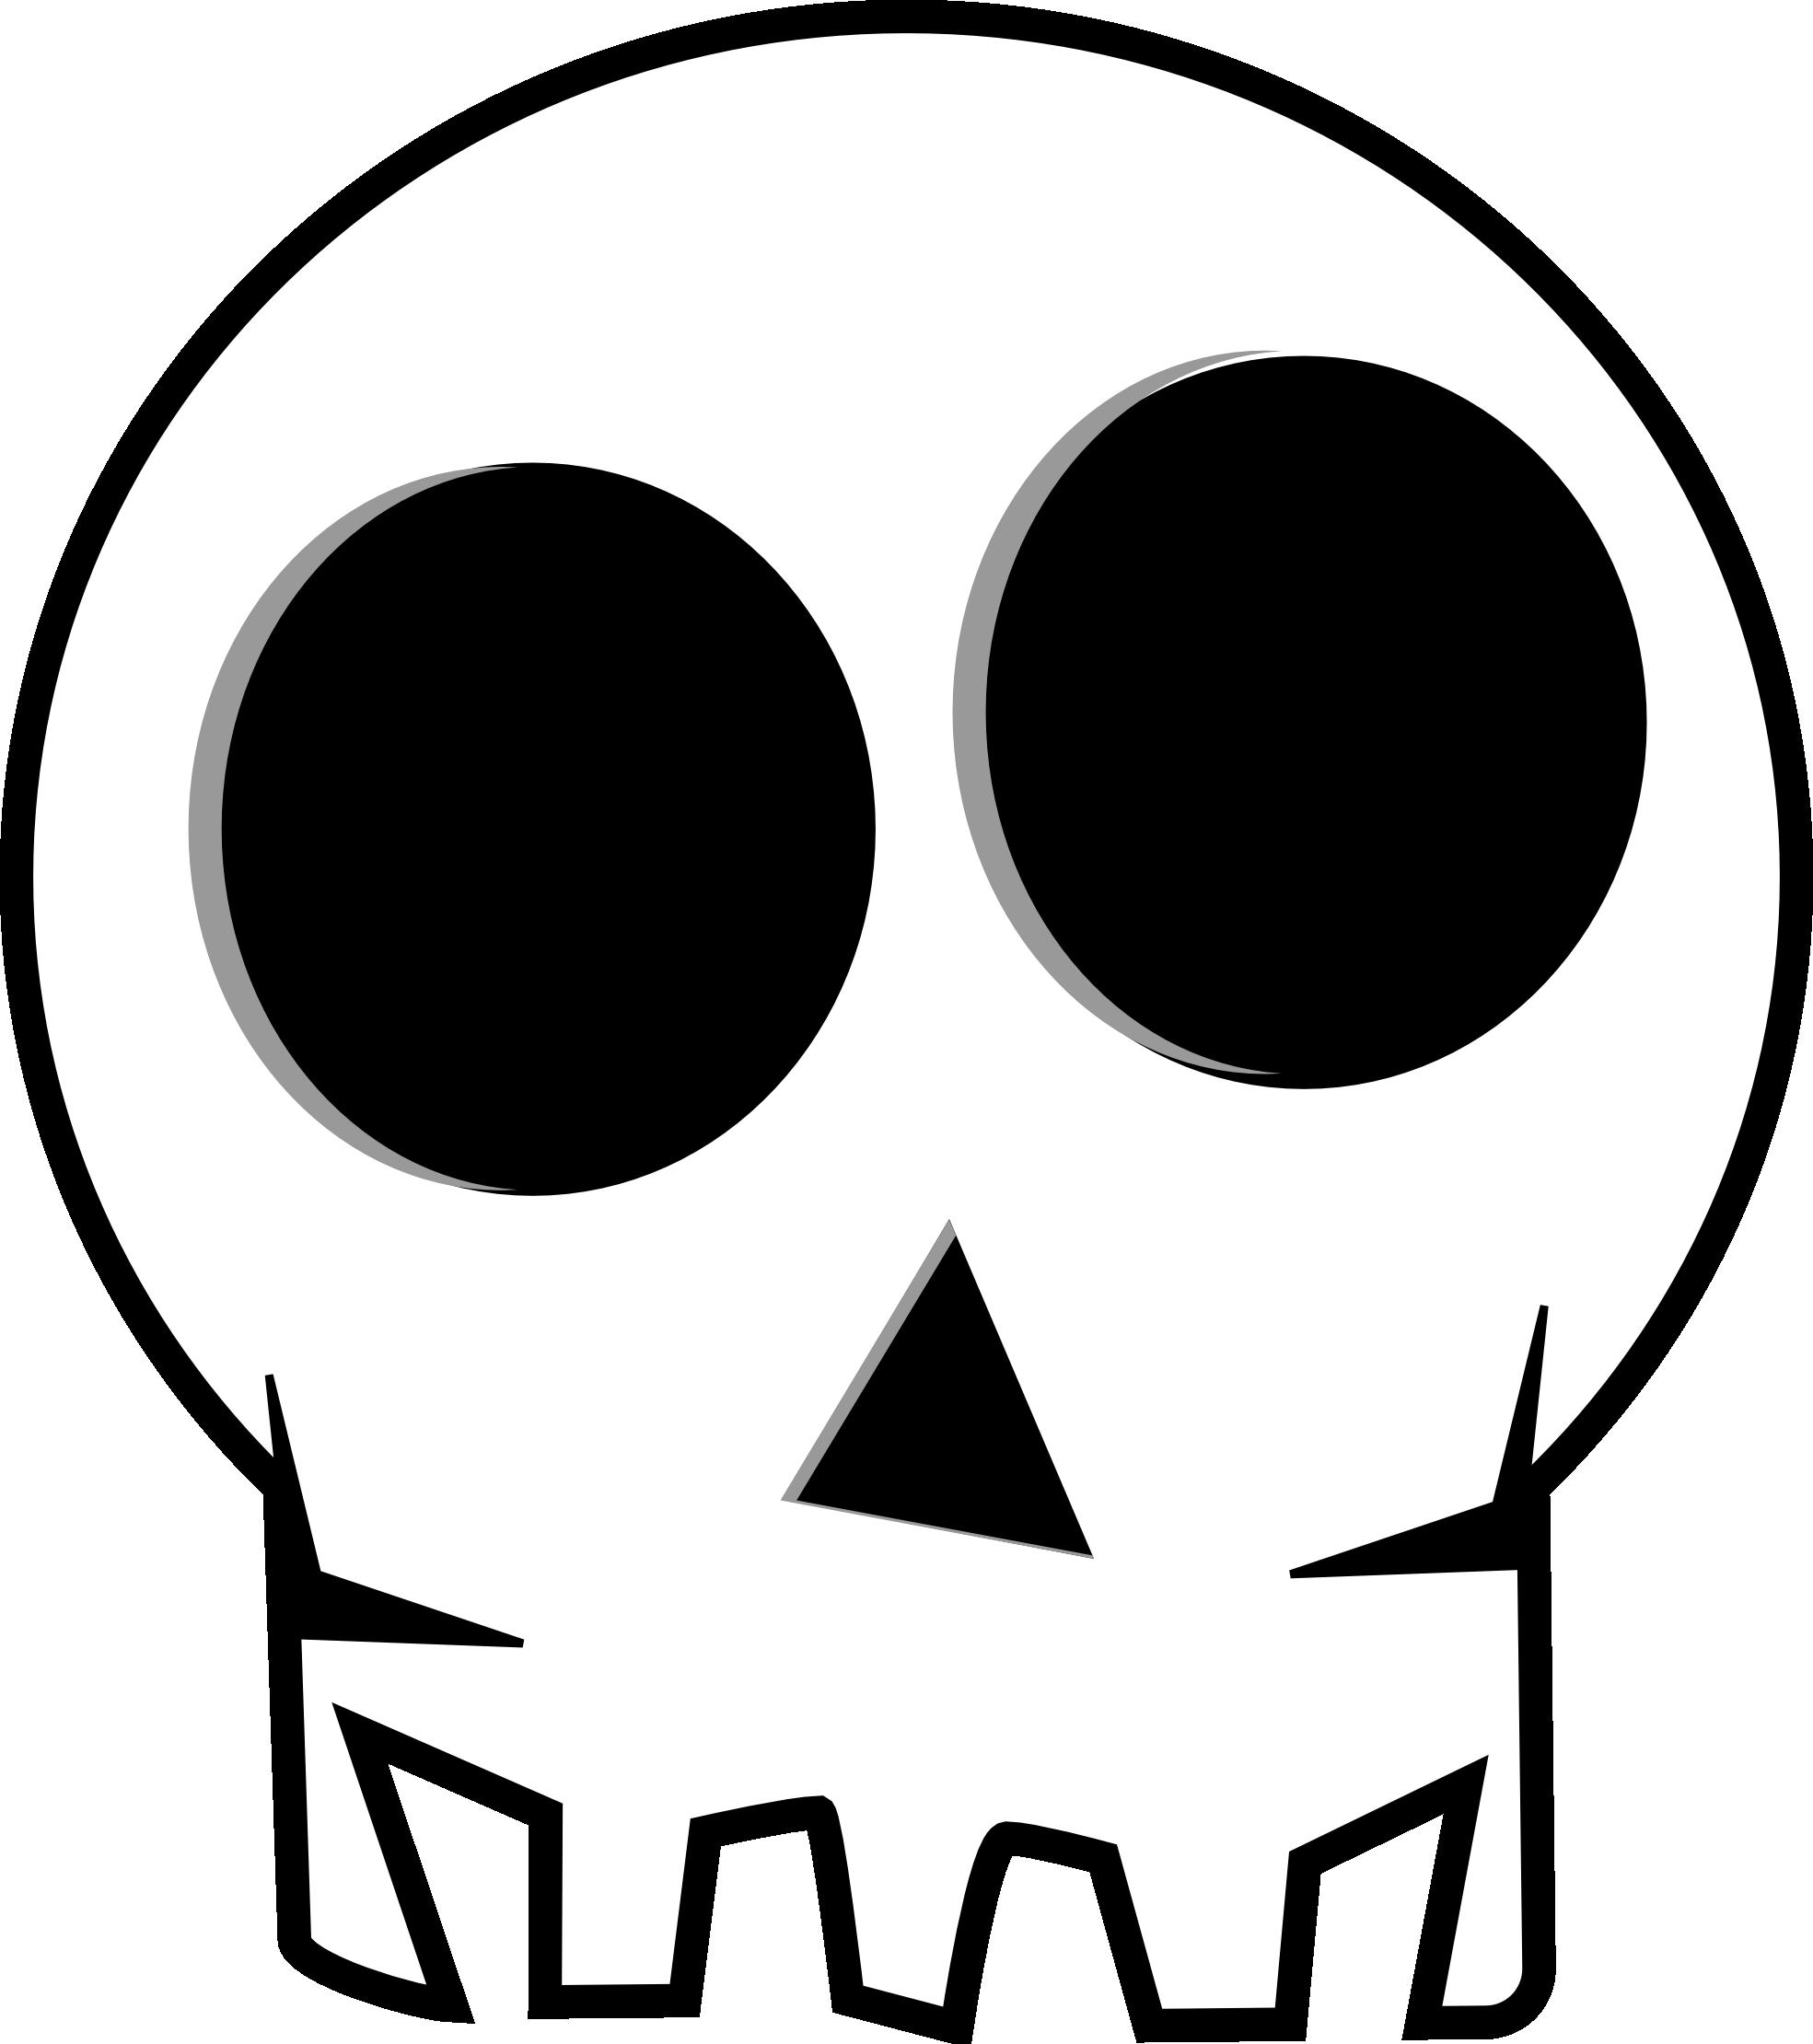 Longhorn clipart cartoon. Skull clip art is